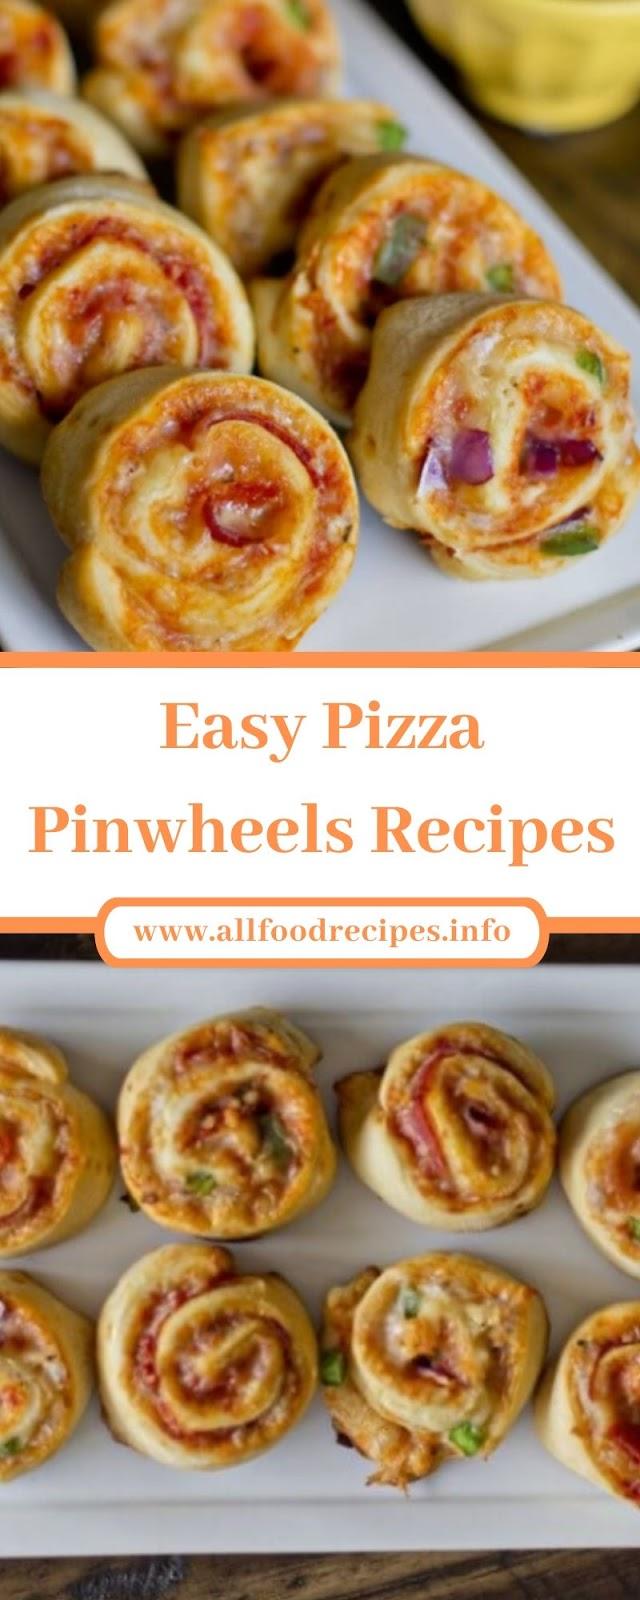 Easy Pizza Pinwheels Recipes